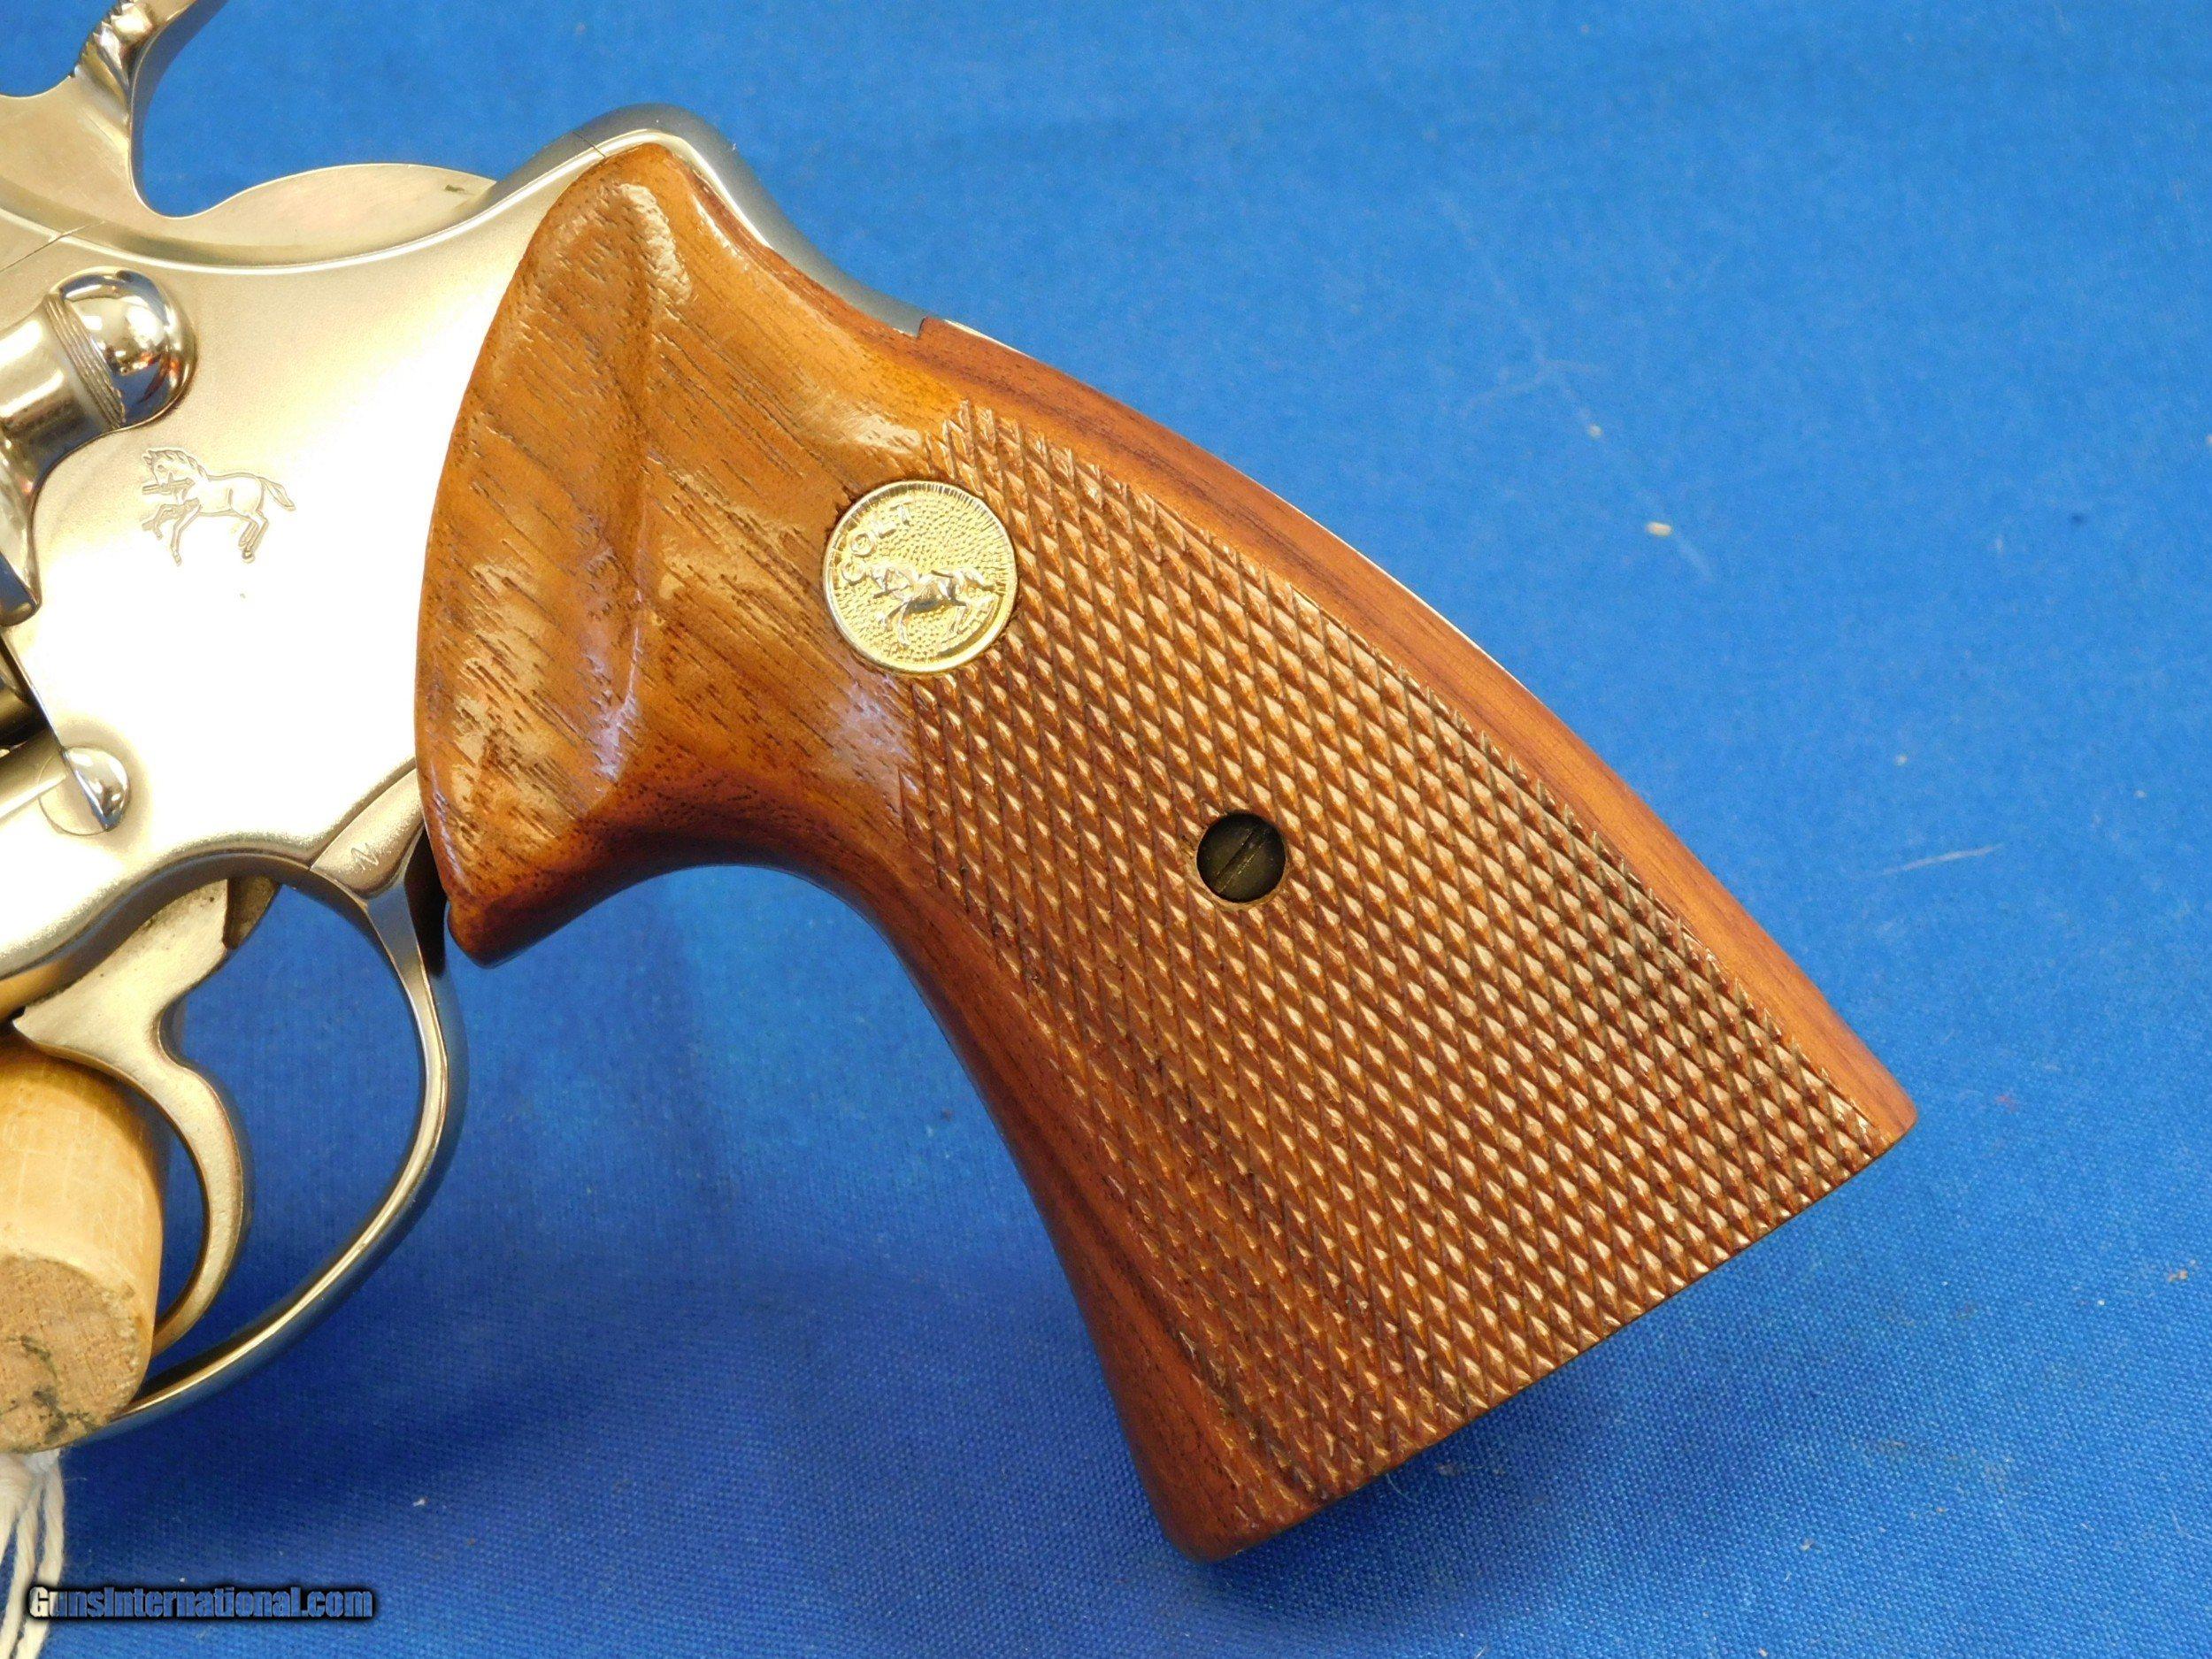 Factory E-Nickel Colt Trooper MK III 22LR original box and